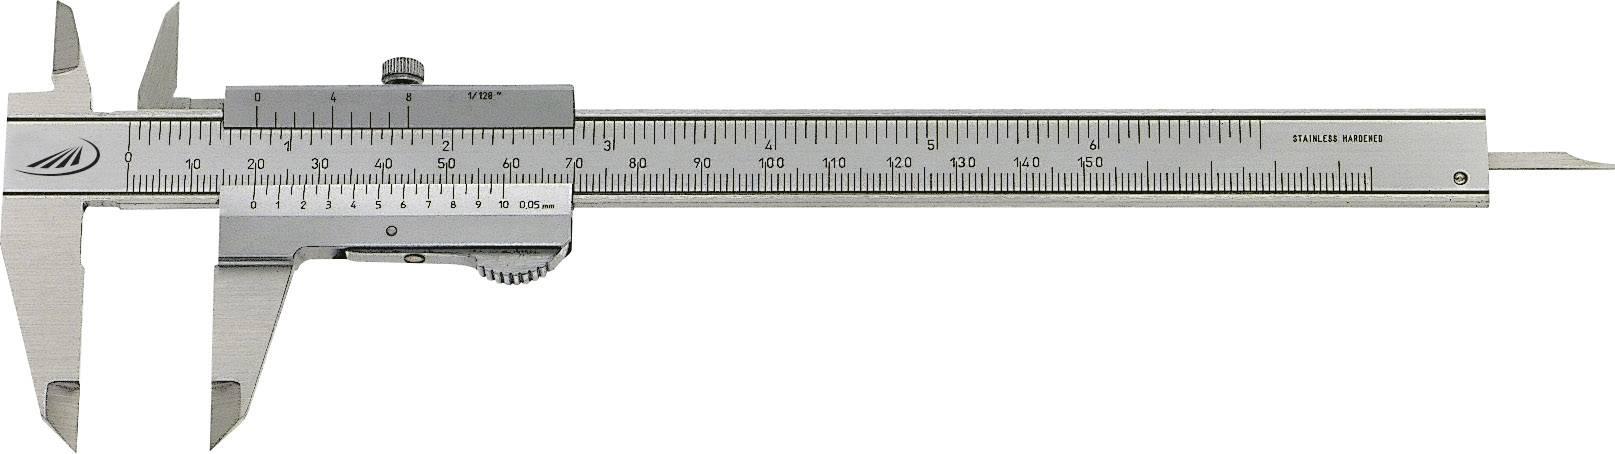 Digitální posuvné měřítko Helios Preisser Duo Fix 0190 501, měřicí rozsah 150 mm